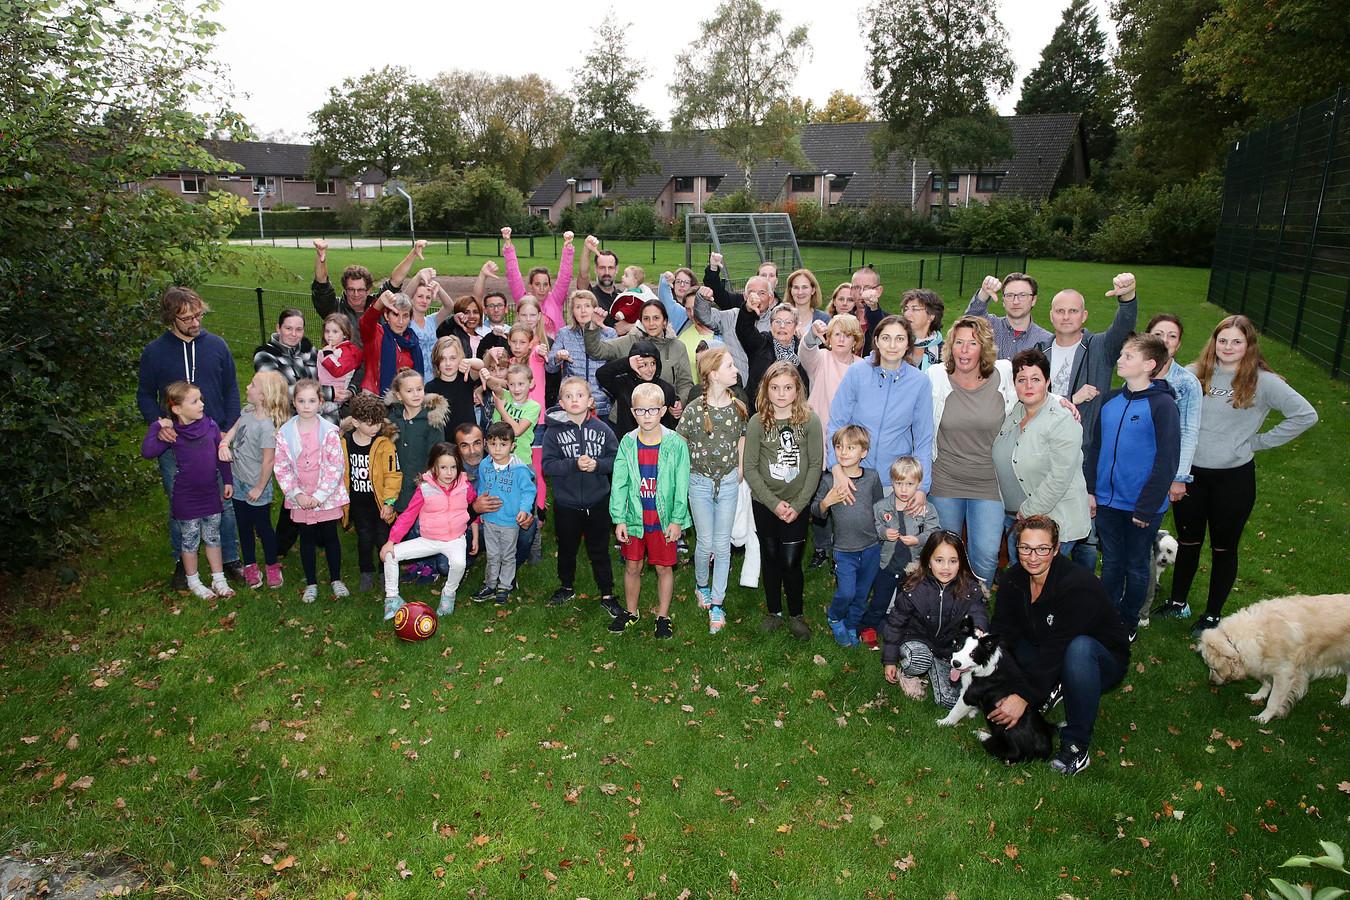 Een kleine vijftig boze buurtbewoners uit Bilthoven laten duidelijk merken dat ze een mast in de speeltuin en vlakbij huizen niet op prijs stellen. Ze staan hier op de plaats waar de mast moet verrijzen.